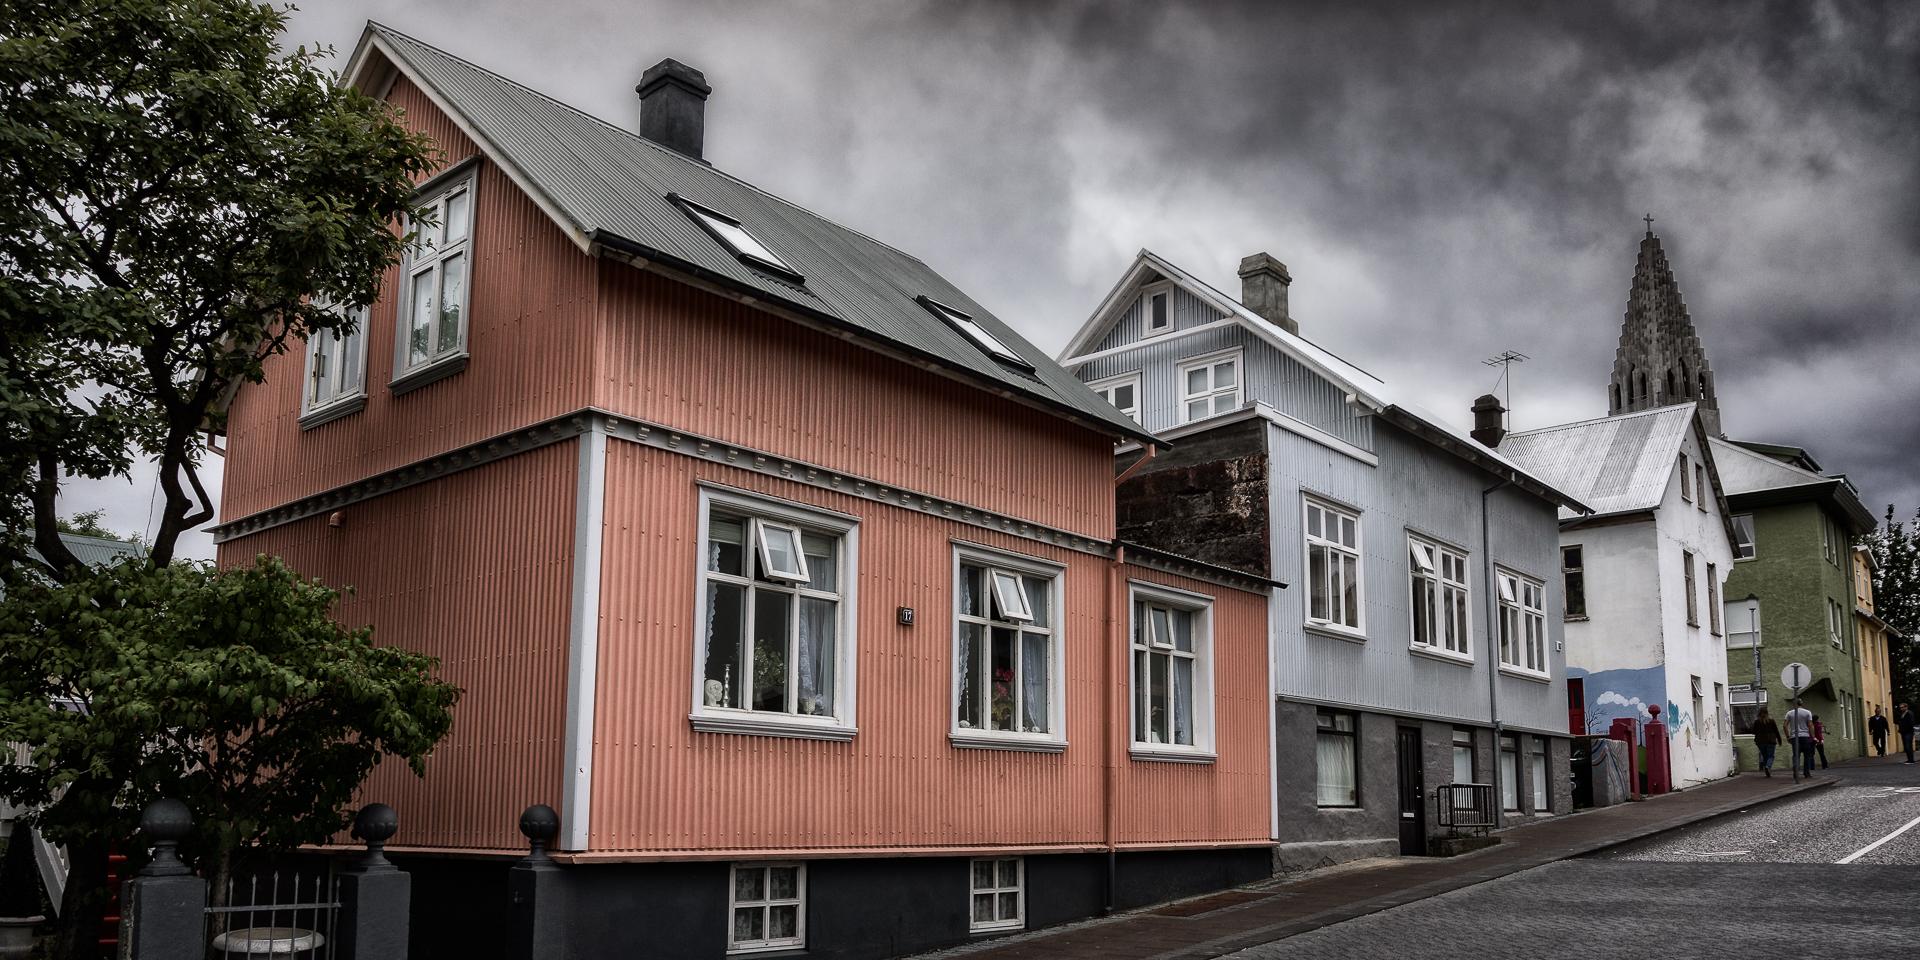 Old Reykjavik buildings (c) Michael Smyth 2016